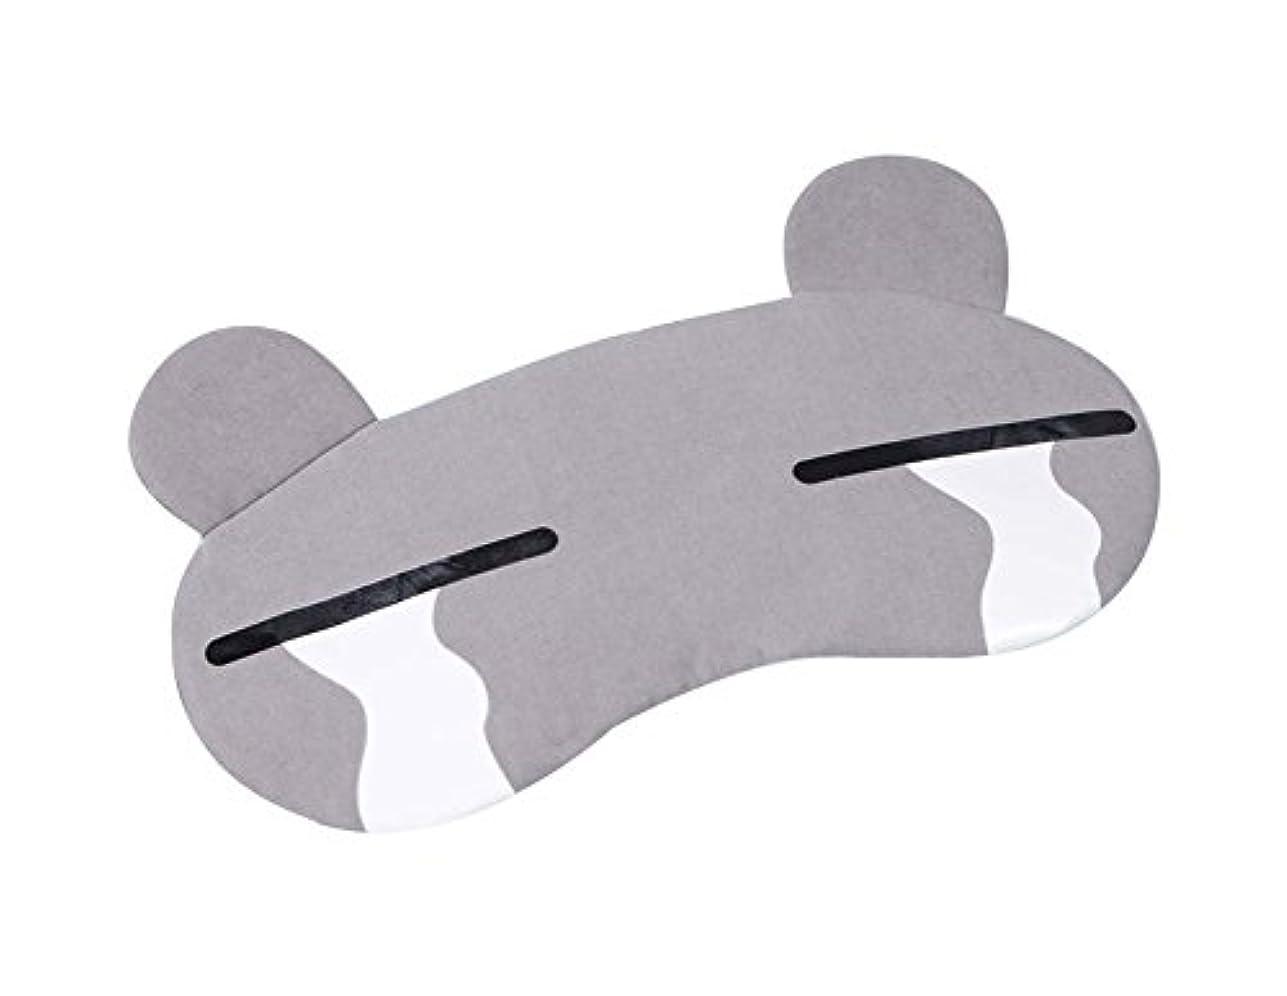 それる前穀物グレー泣く睡眠の目マスク快適な目のカバー通気性のあるアイシェイド